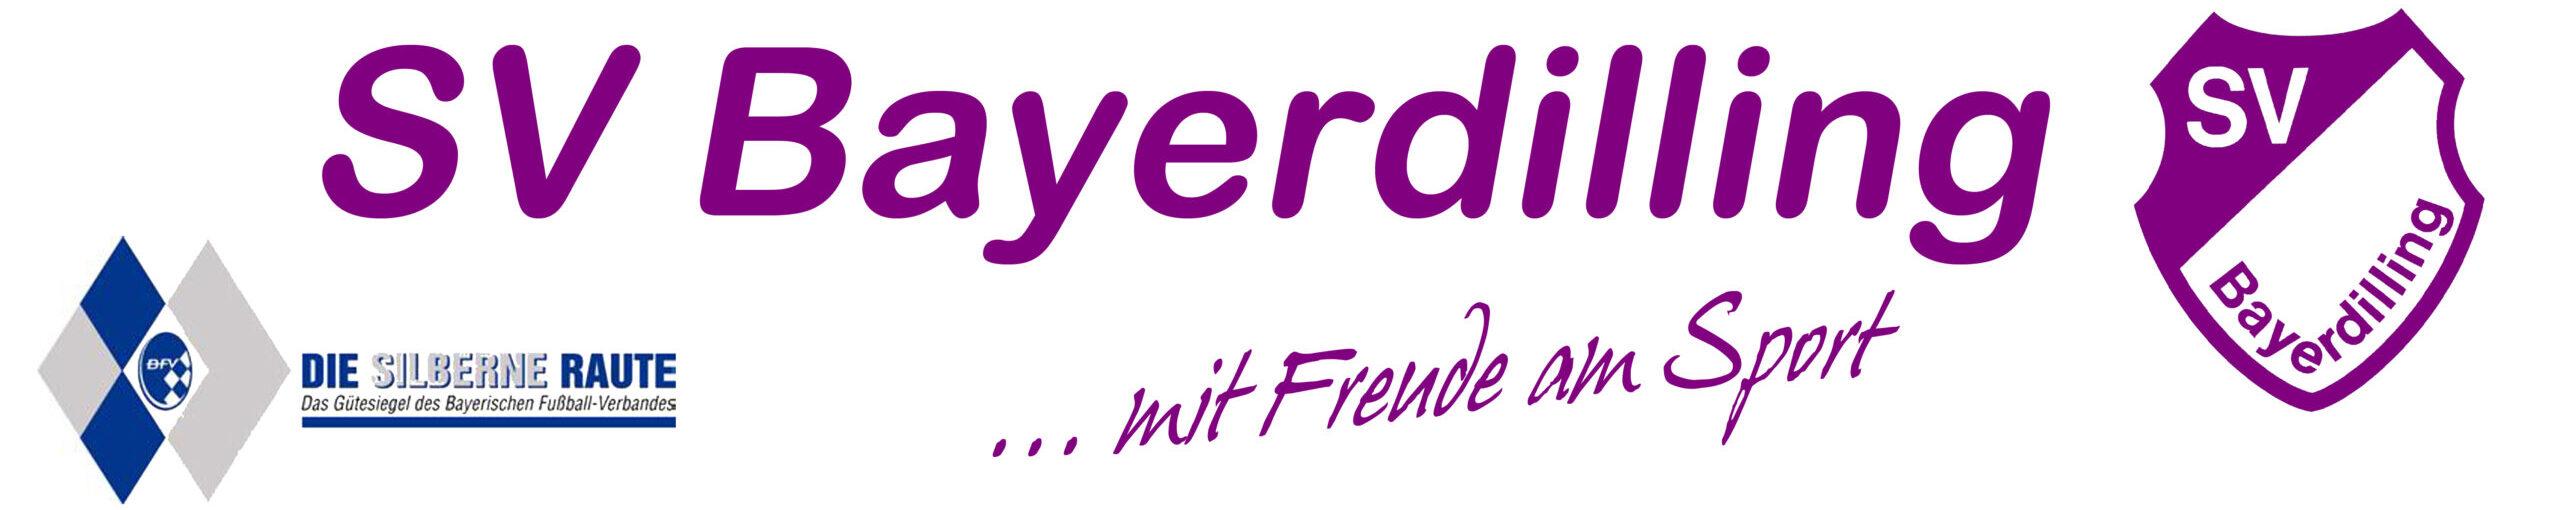 SV Bayerdilling